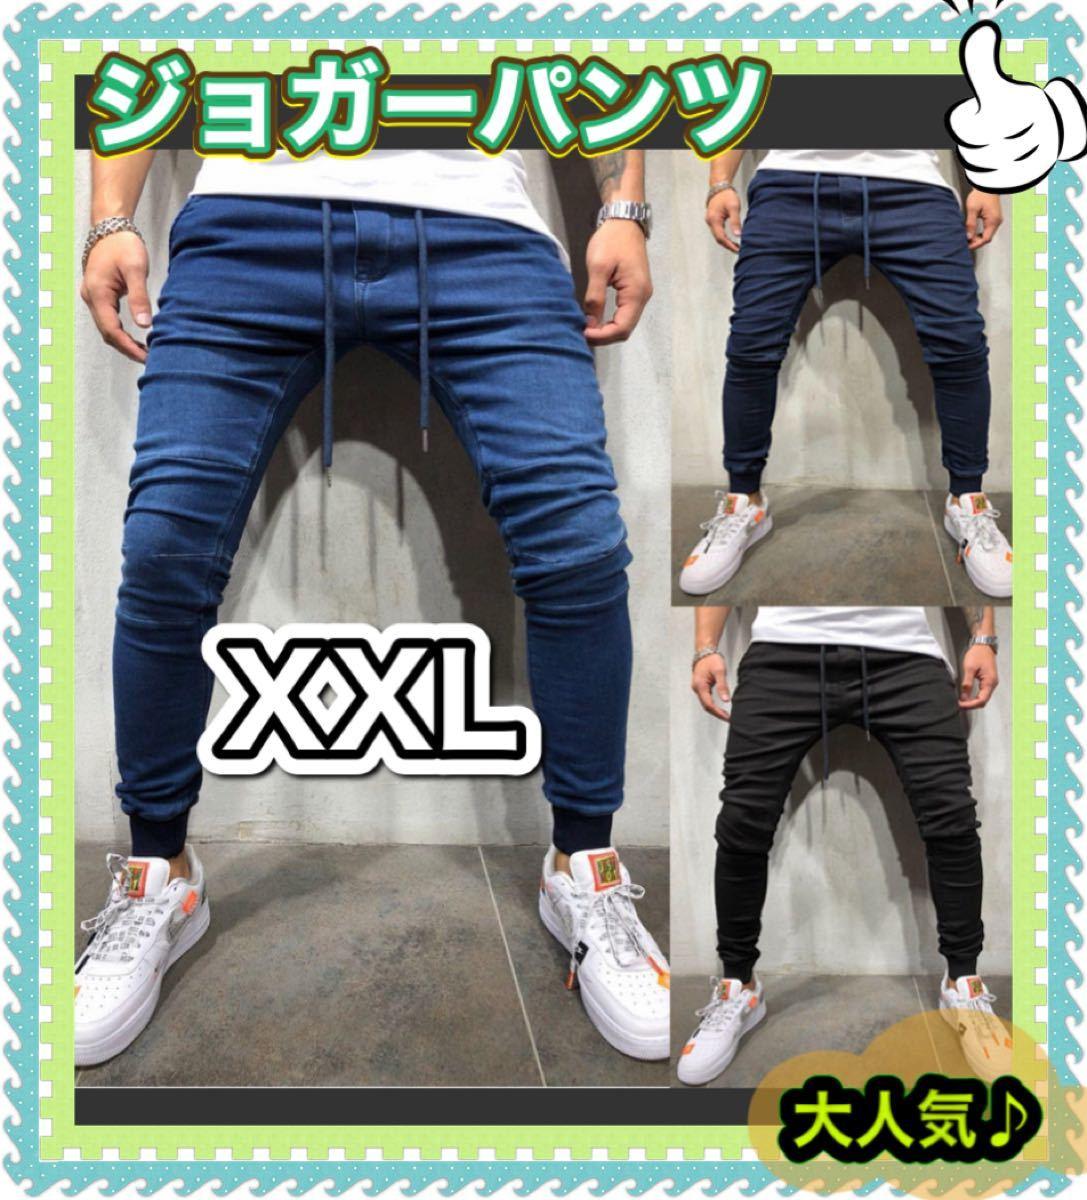 ジョガーパンツ サルエル スキニー ジャージ 韓国 デニム メンズ パンツ  PANTS ストレッチ メンズジーンズ デニムパンツ